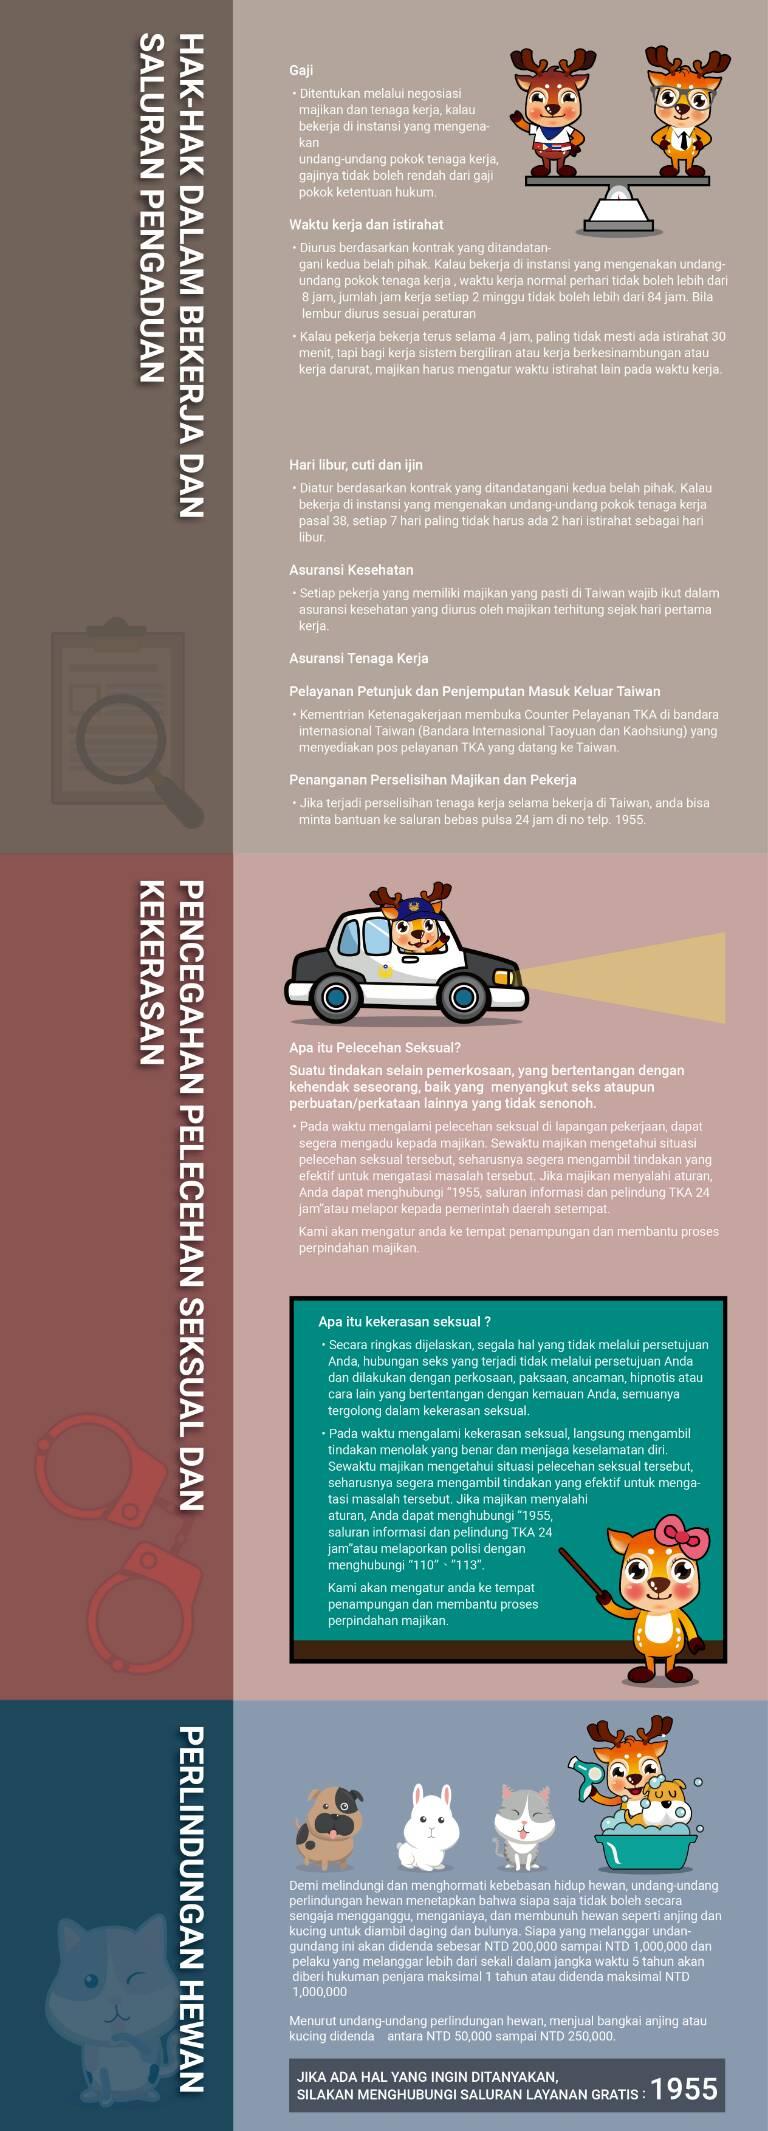 合法安心僱用外籍勞工相關法令宣導DM-印尼(反面)